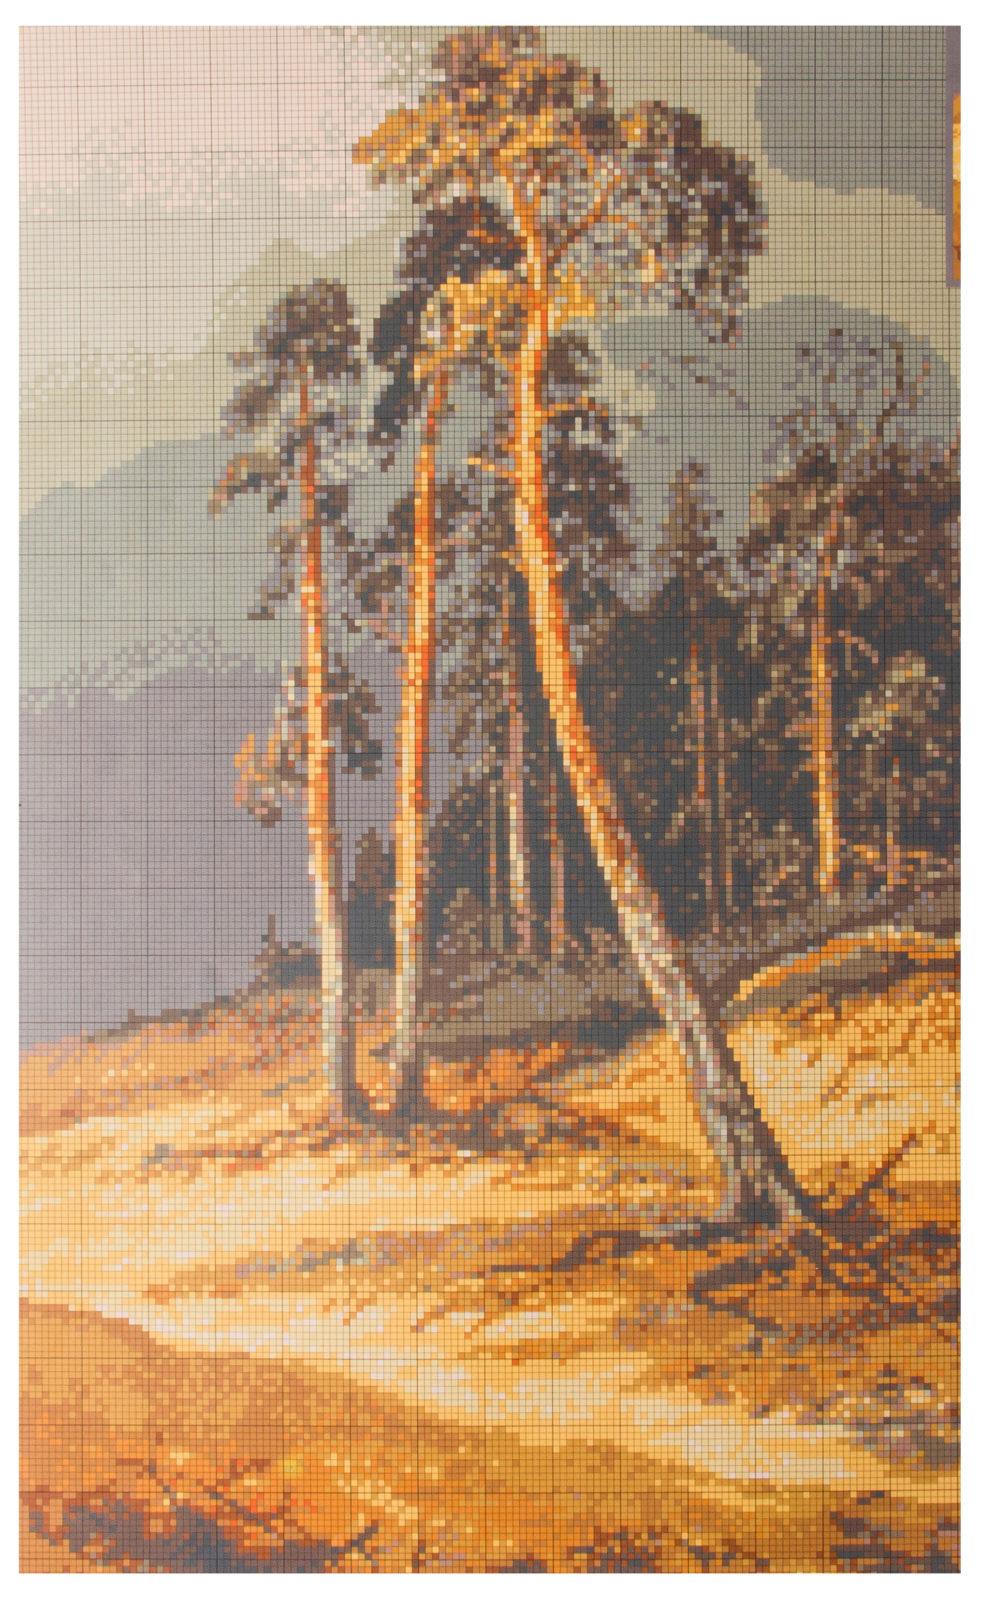 Вышивка крестом шишкин перед грозой